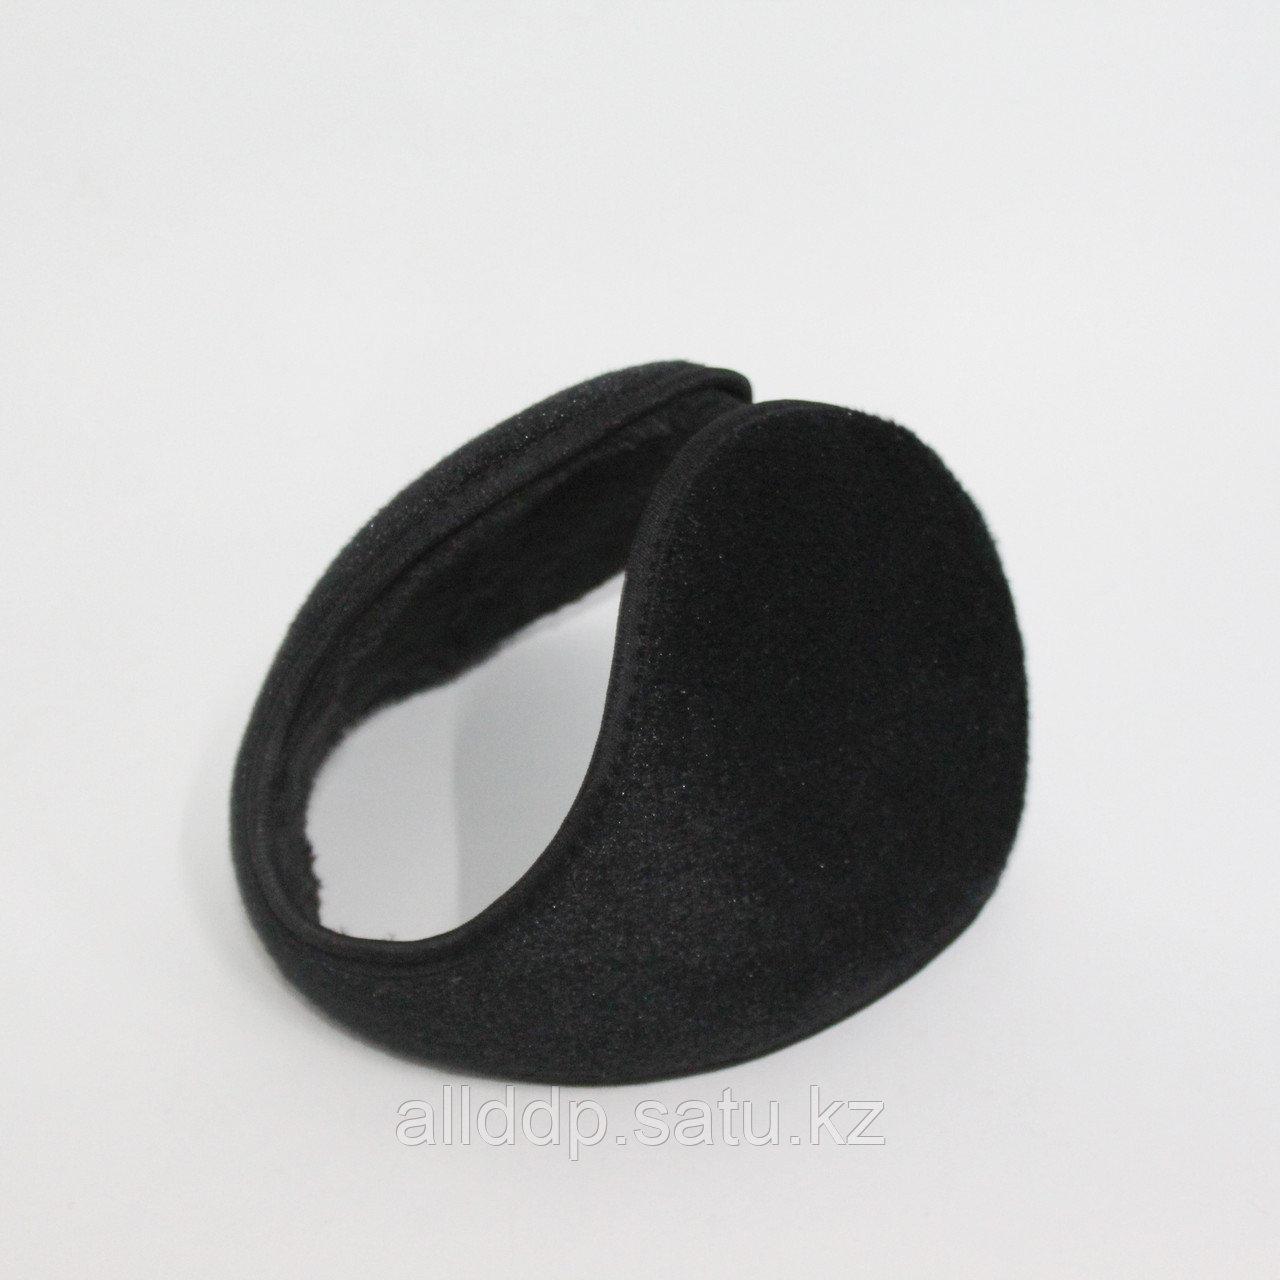 Меховые наушники (шапка на уши)